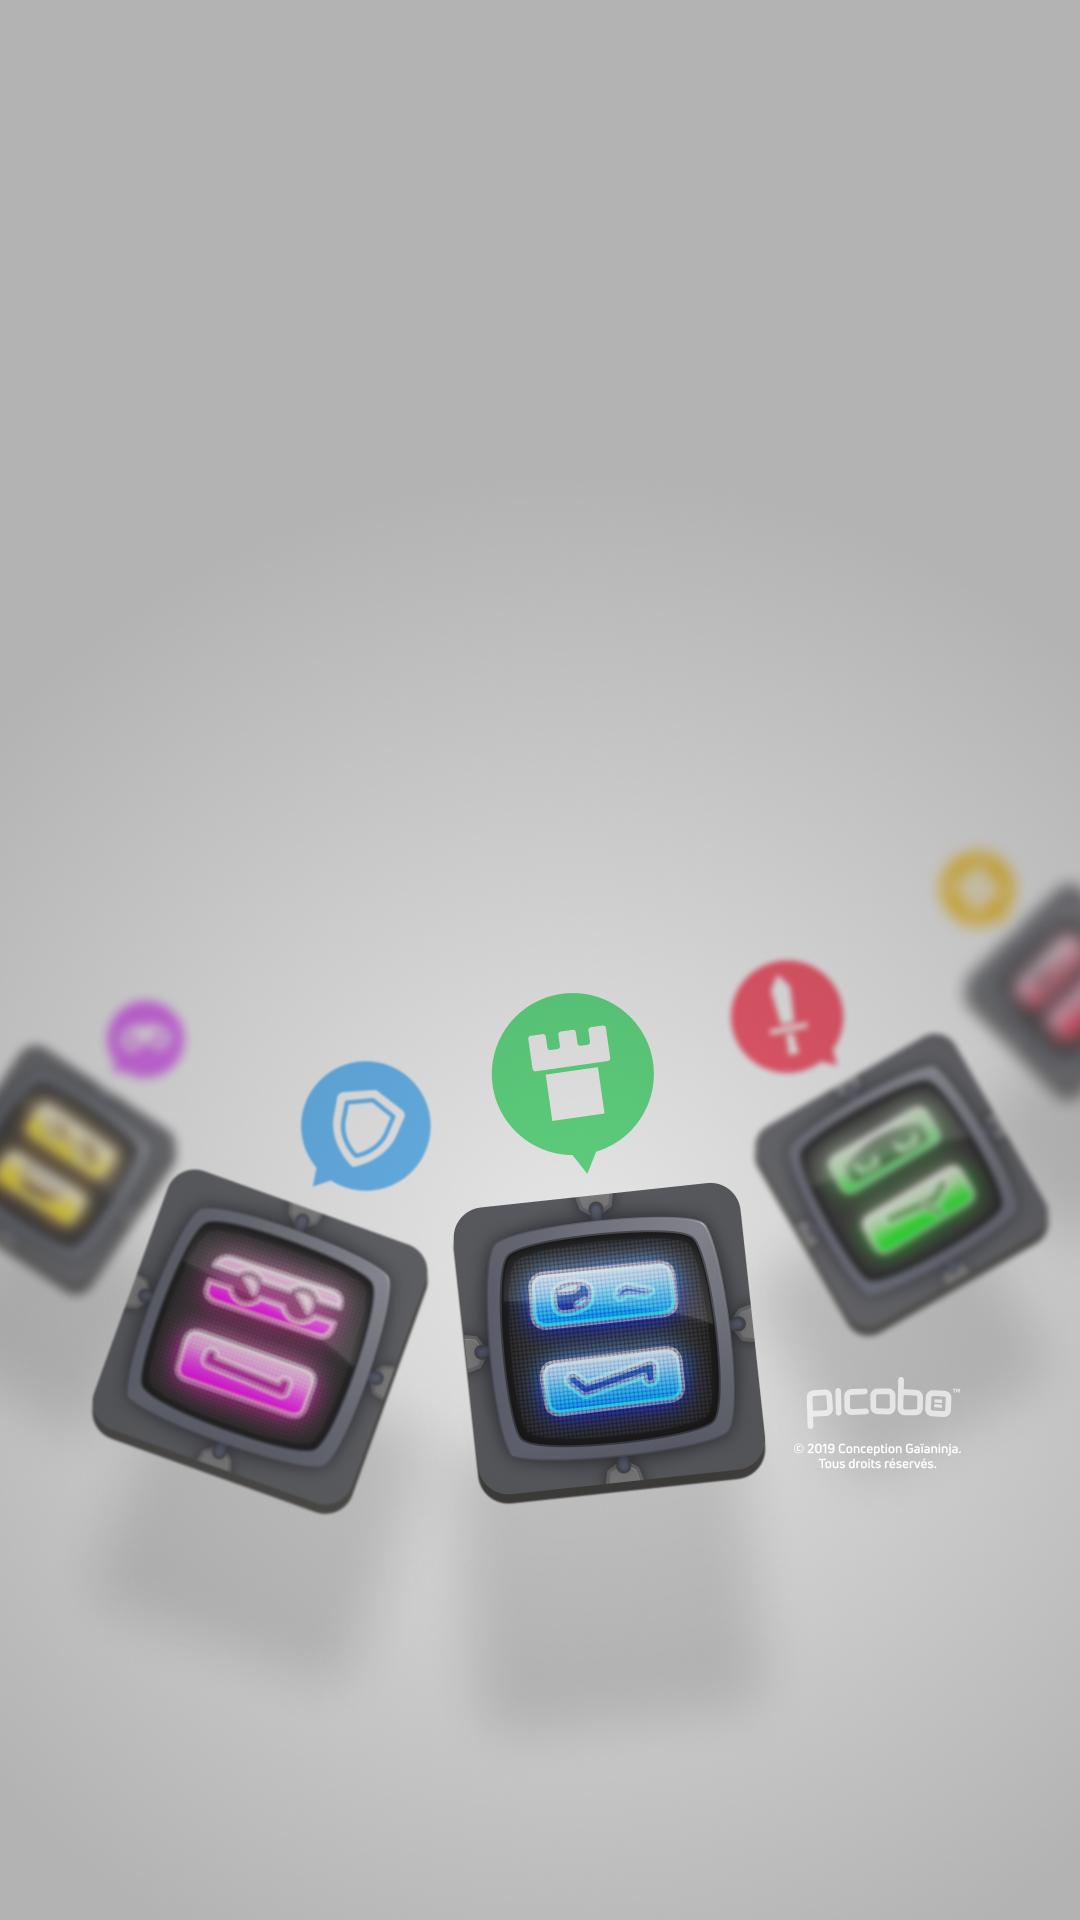 Fond Picobo pour téléphone